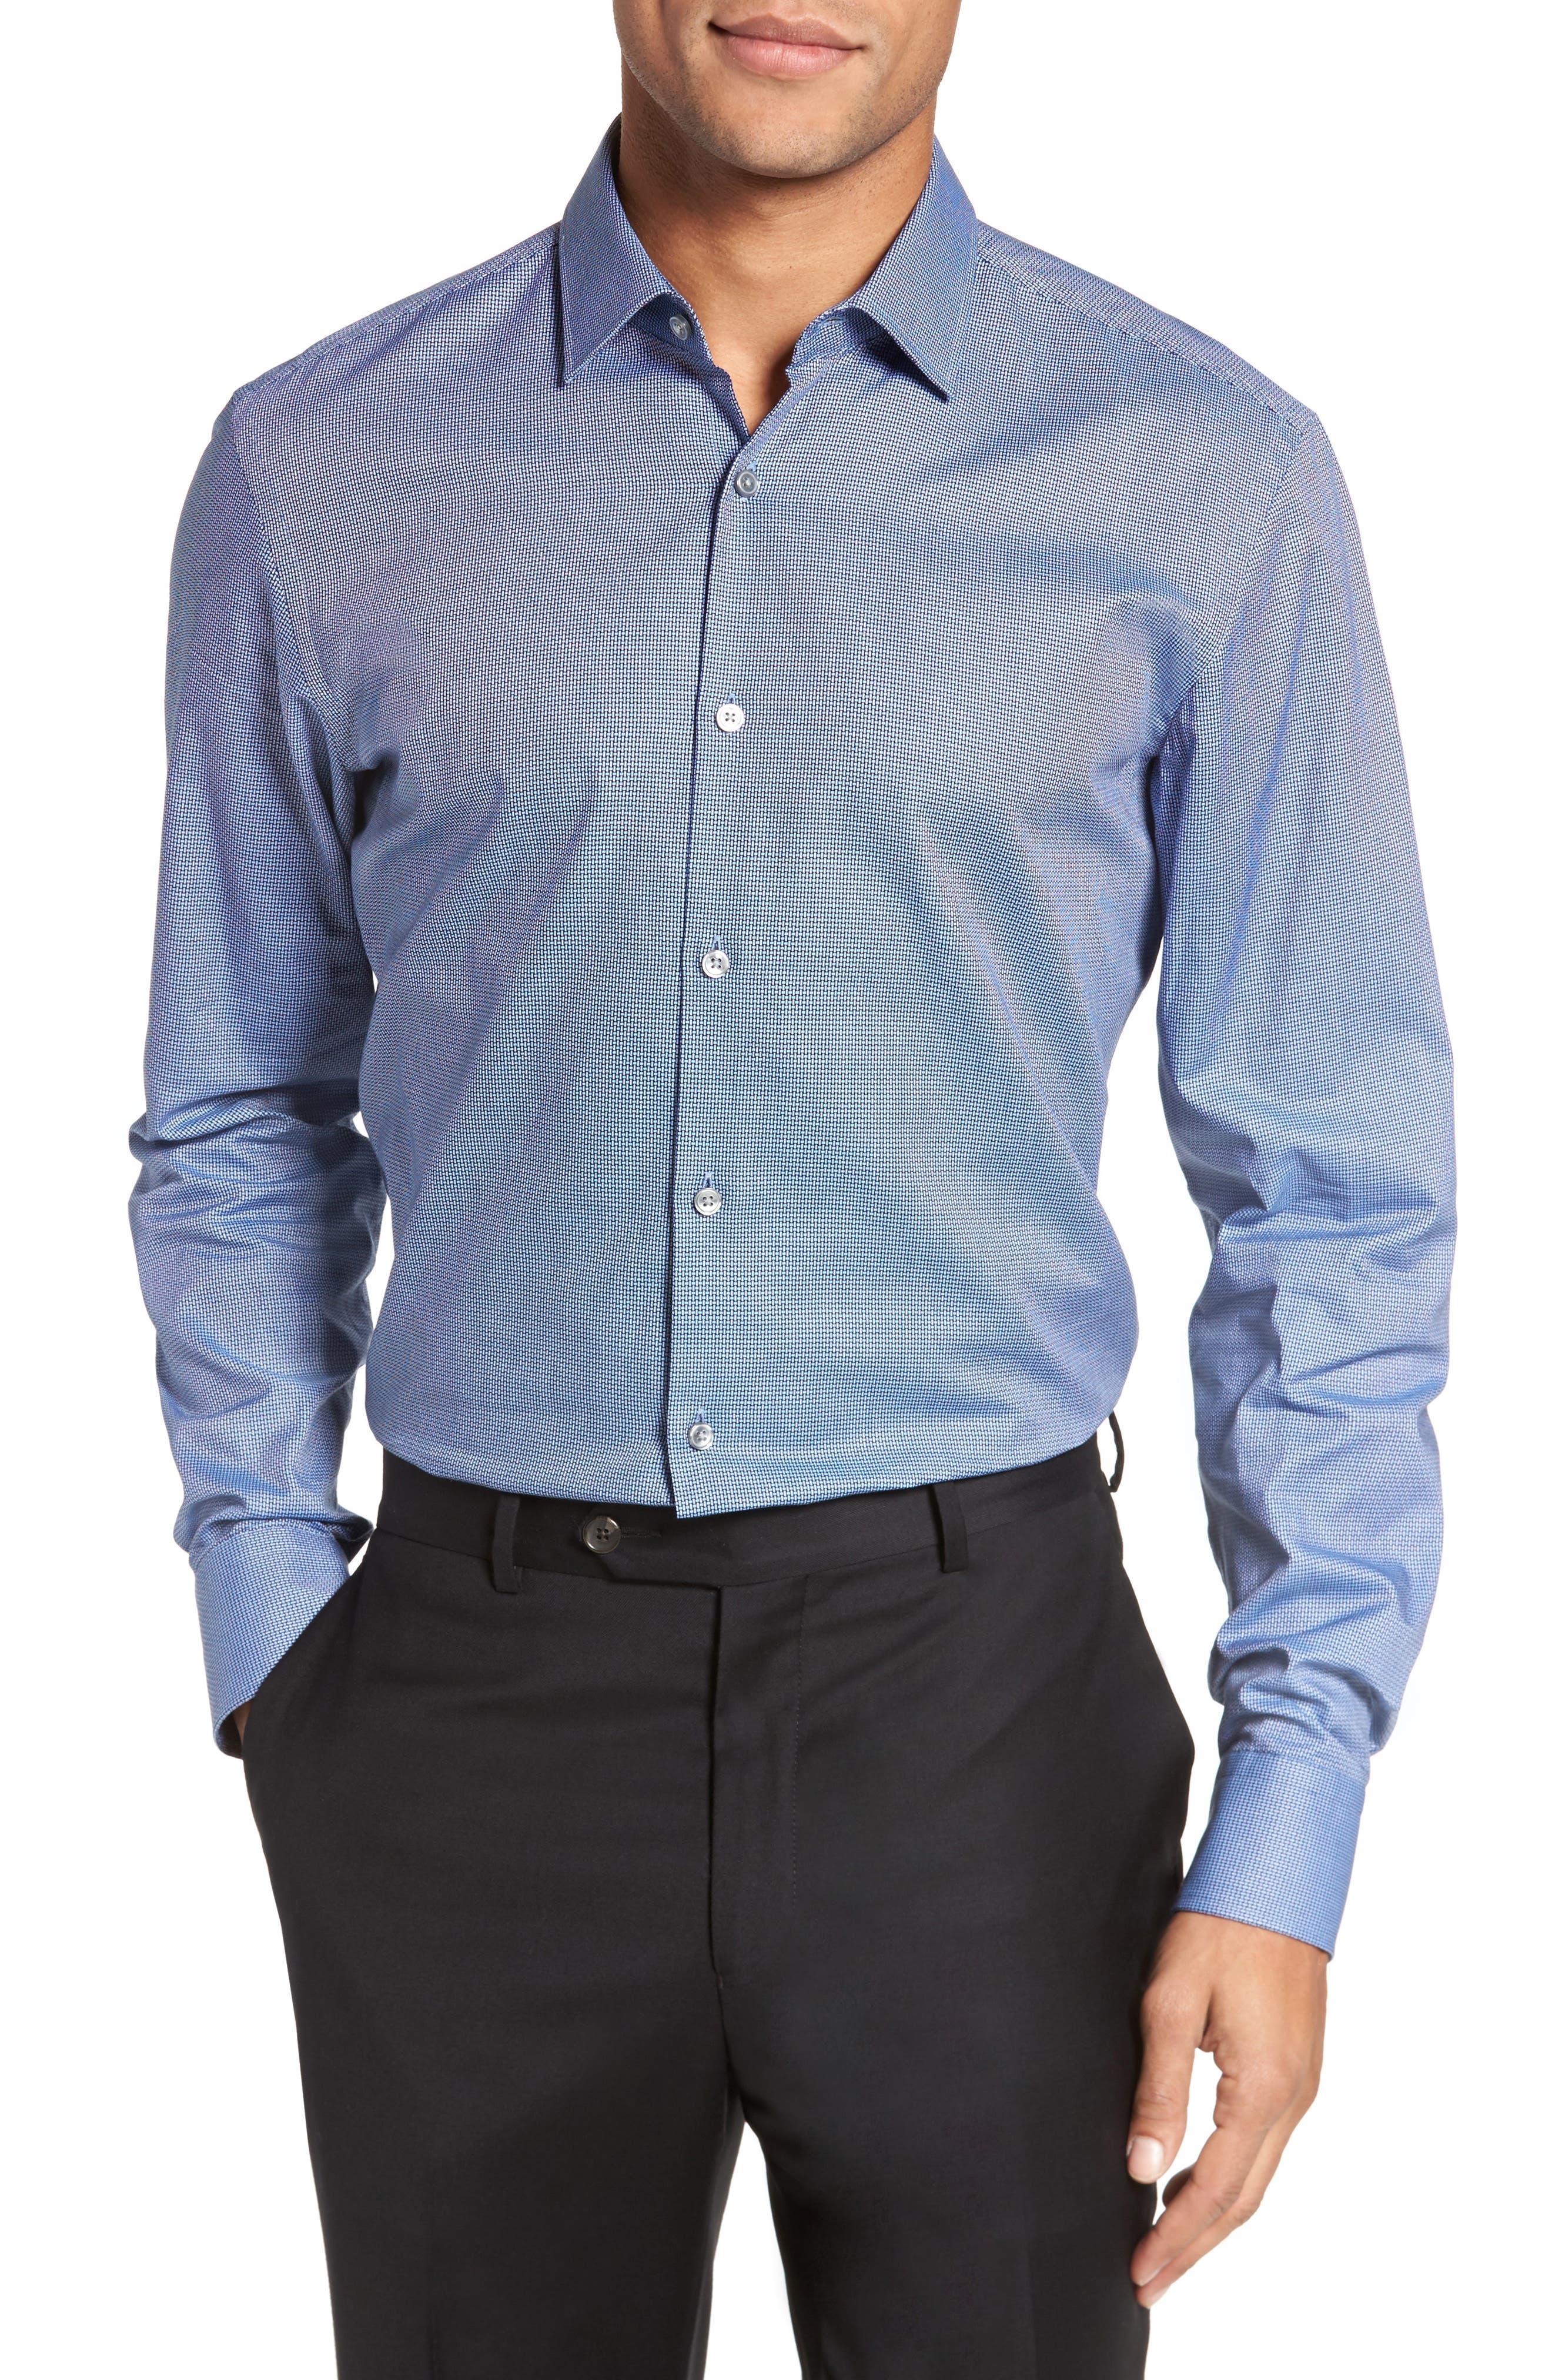 Marley Sharp Fit Solid Dress Shirt,                             Main thumbnail 1, color,                             410